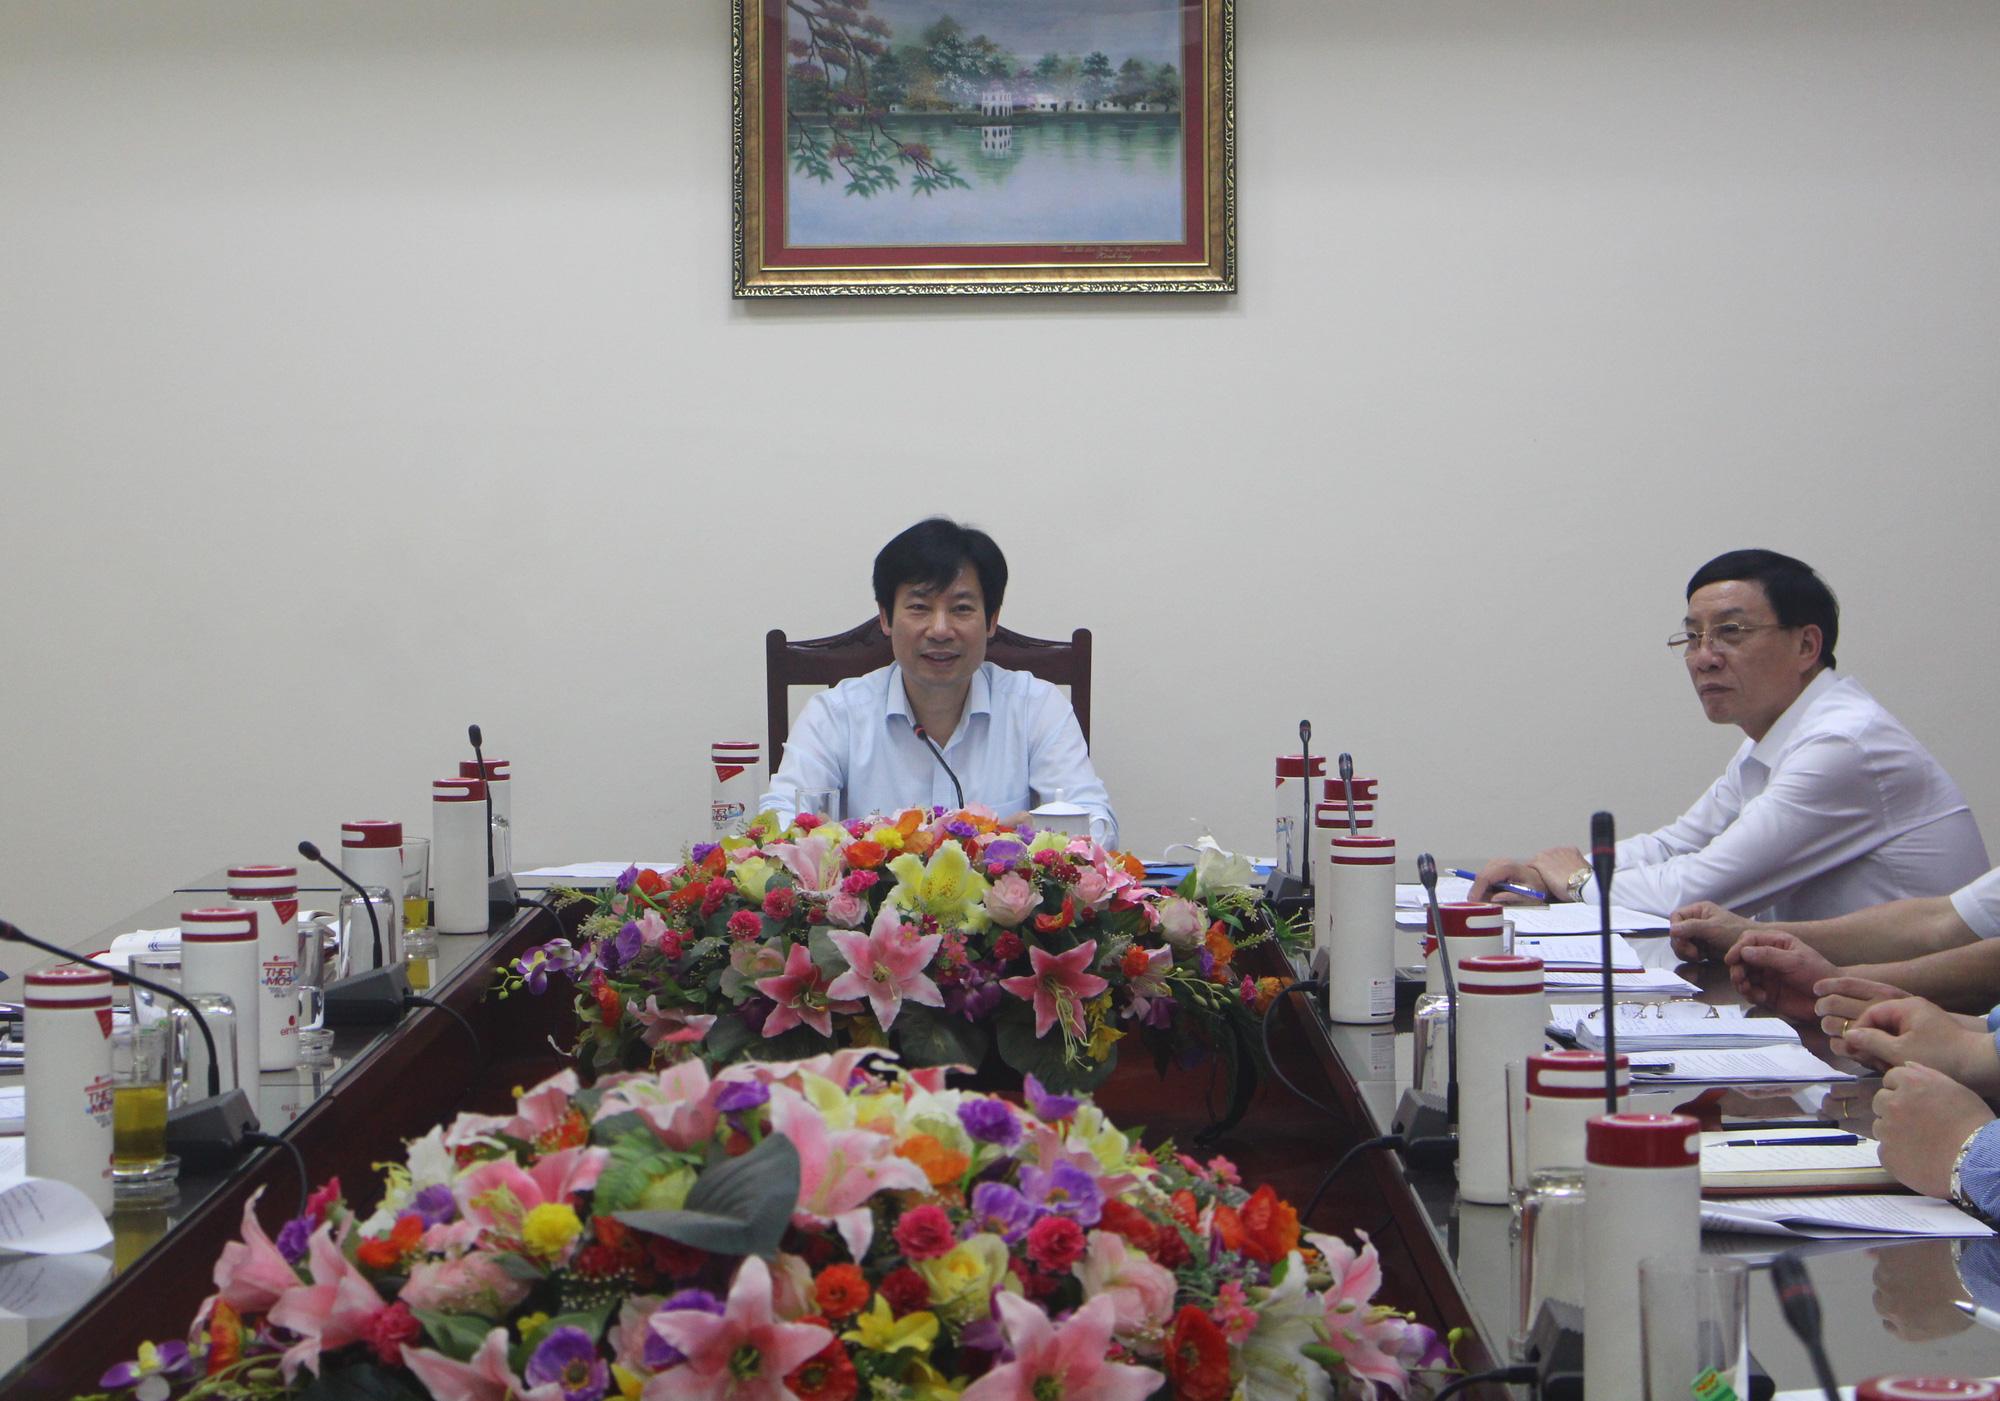 Khởi động Chương trình Tự hào nông dân Việt Nam 2021 - Ảnh 2.